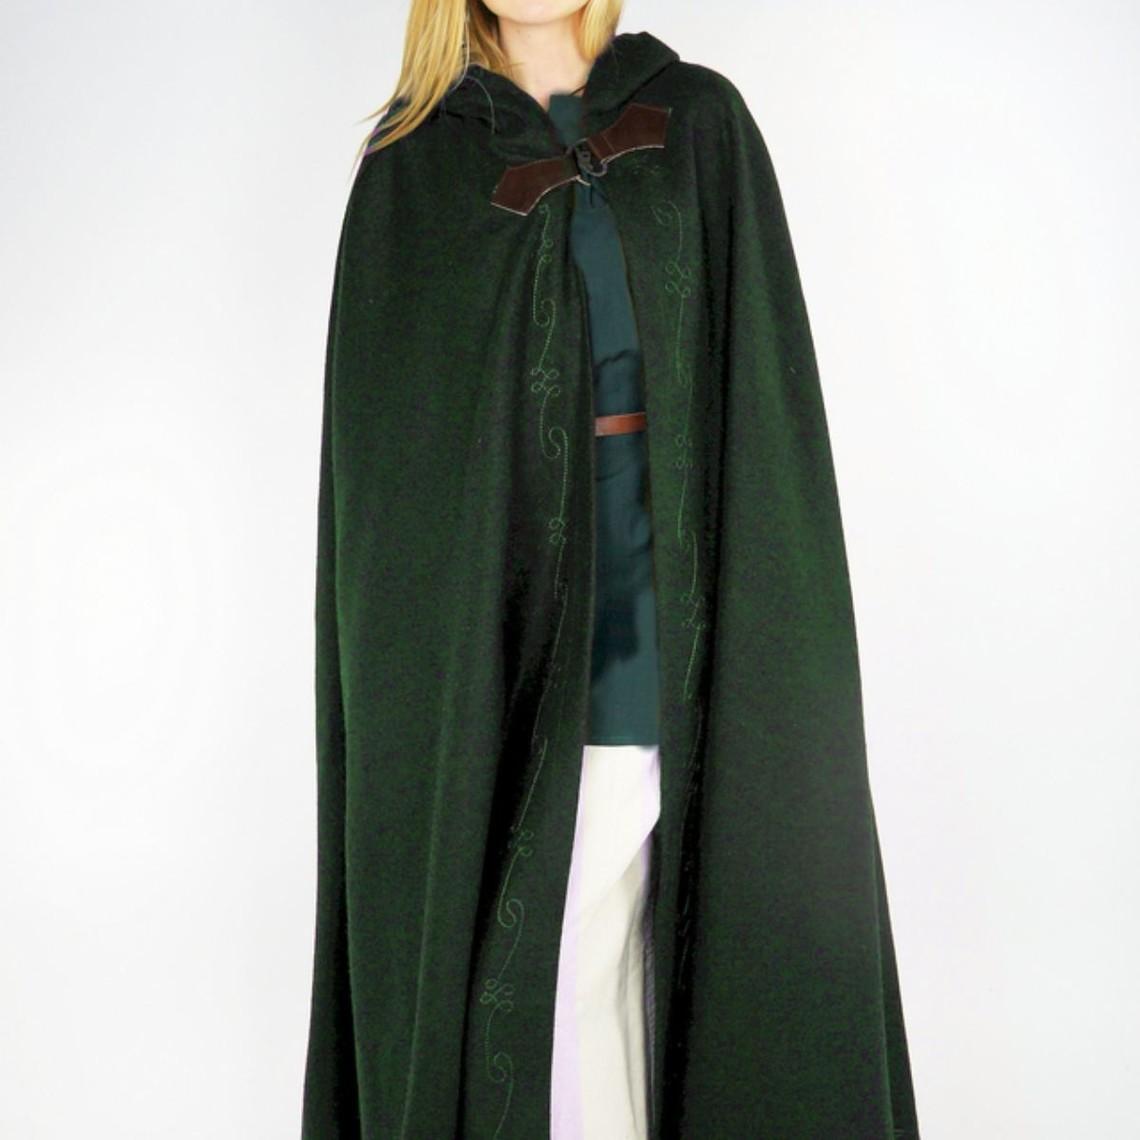 Leonardo Carbone Geborduurde mantel Damia met sluiting, groen